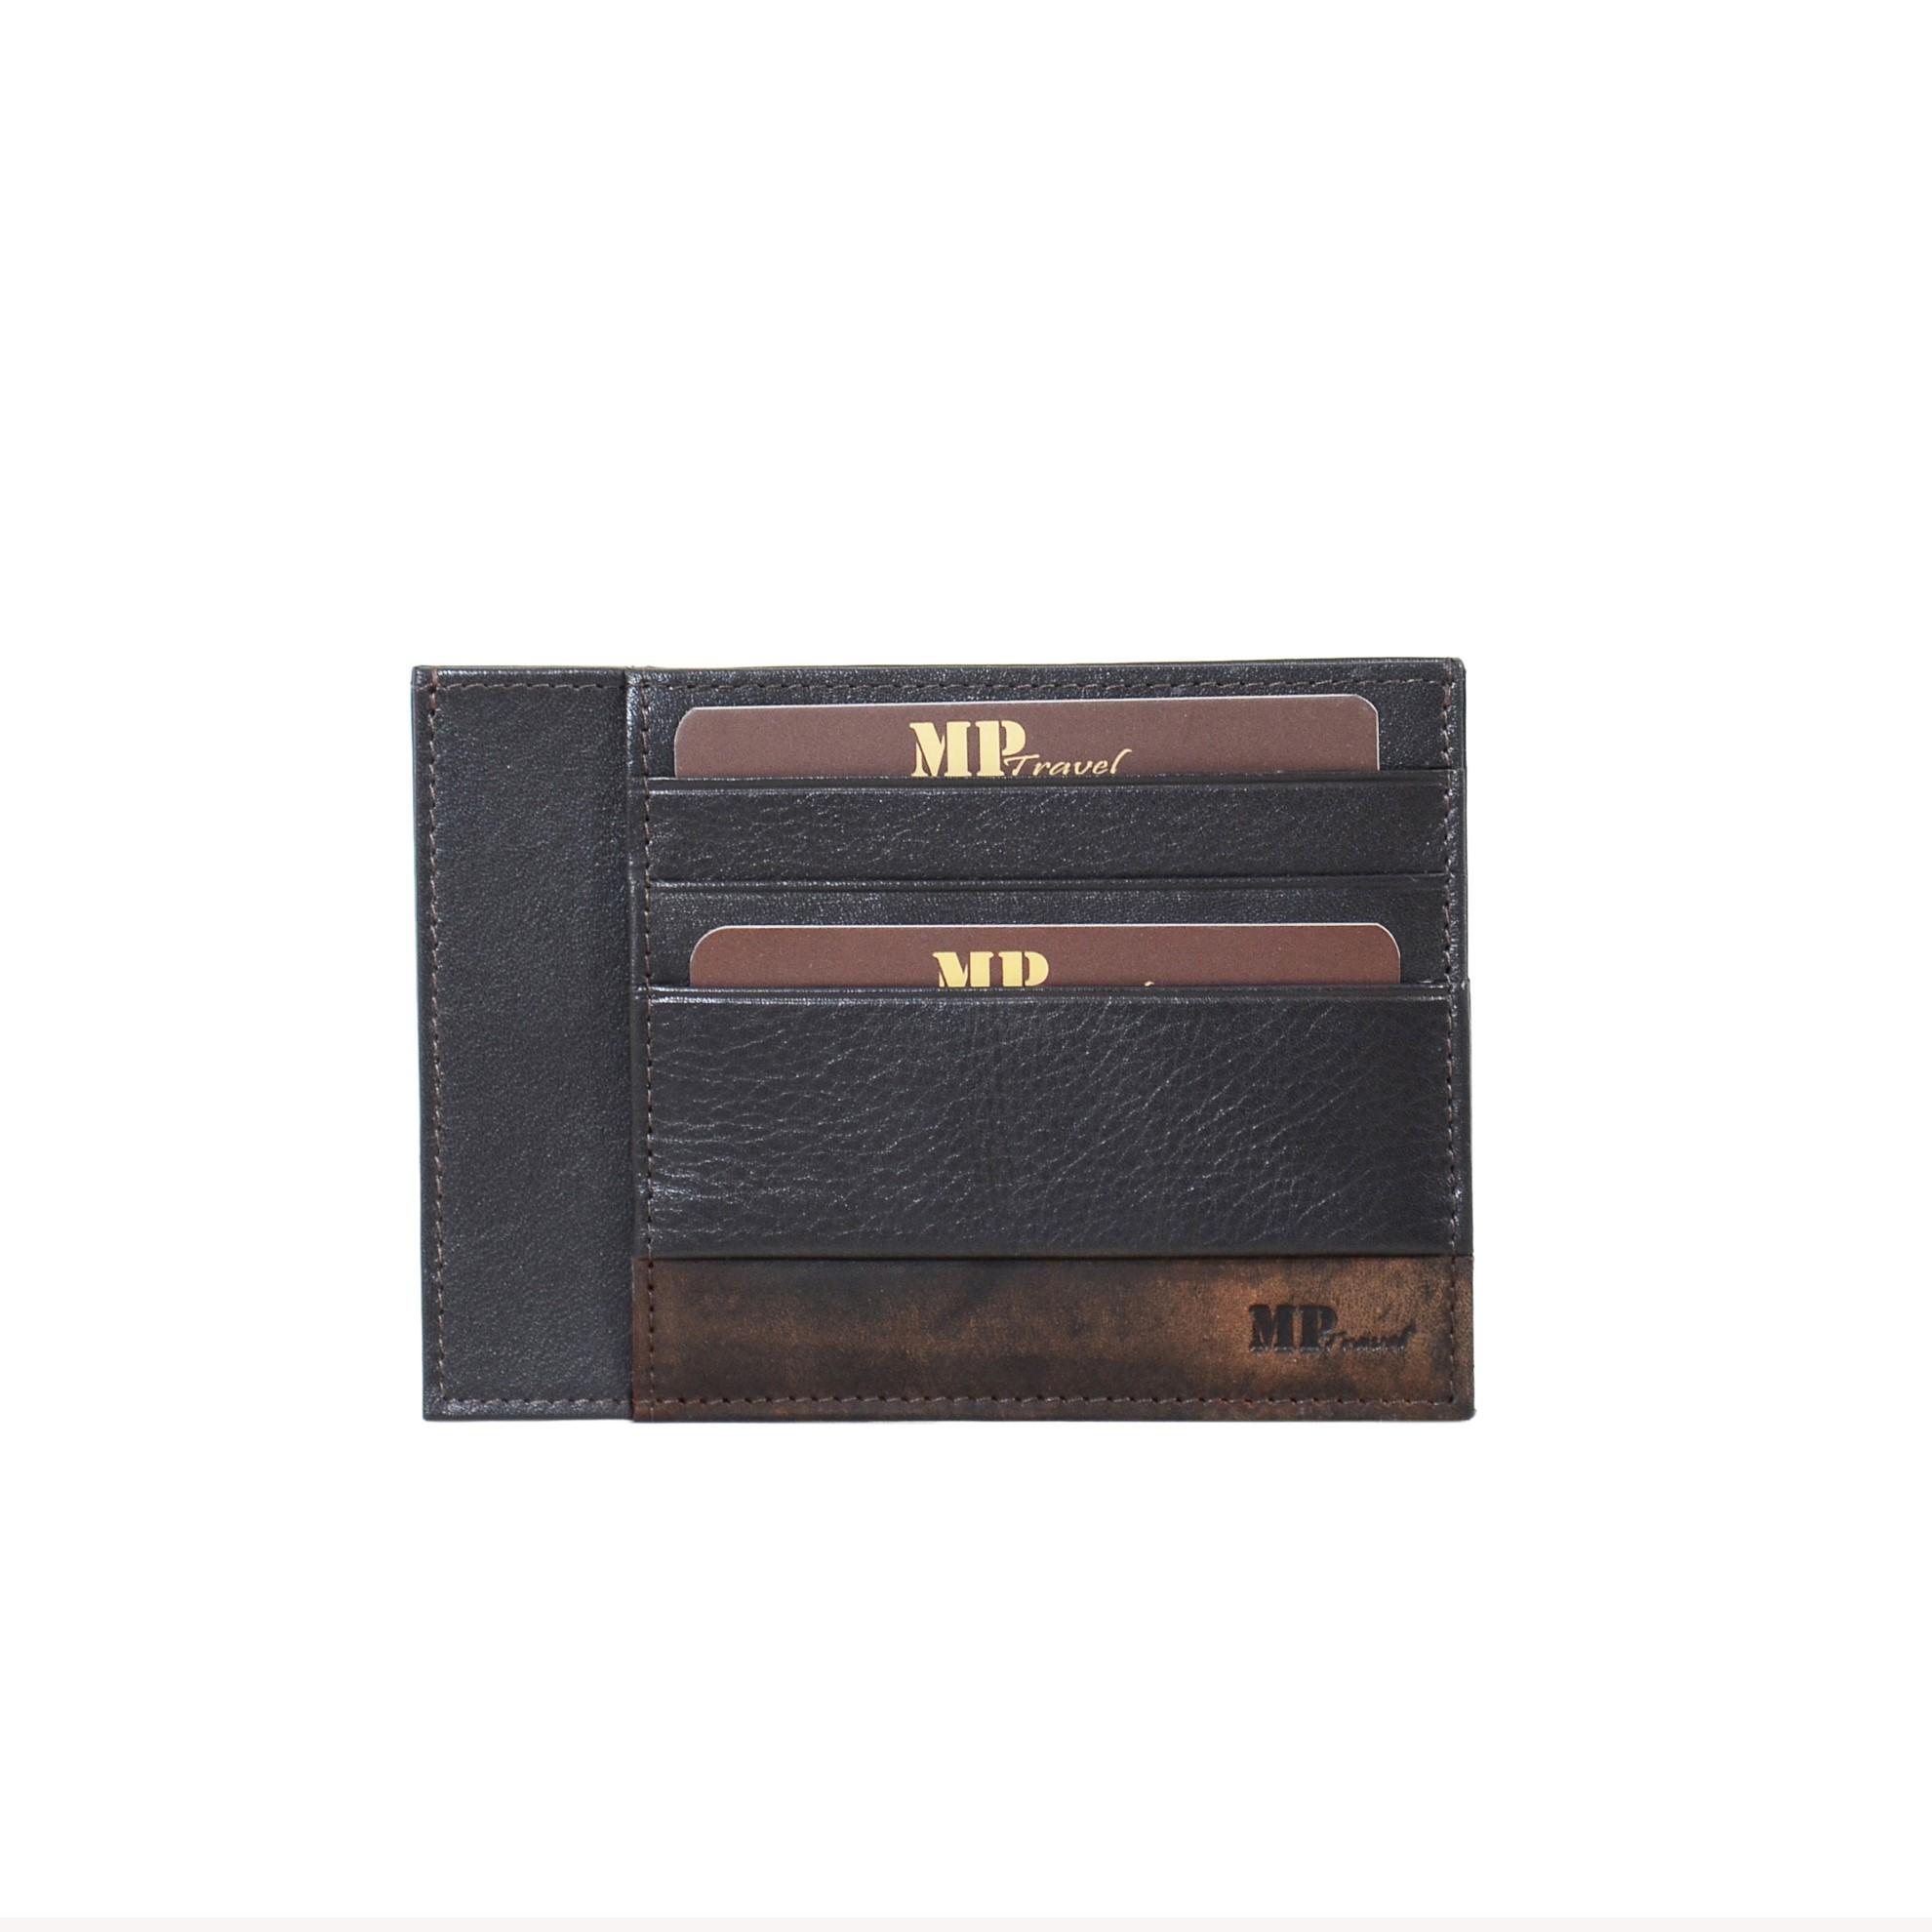 B123296 Castanho - Футляр для карт и документов MP